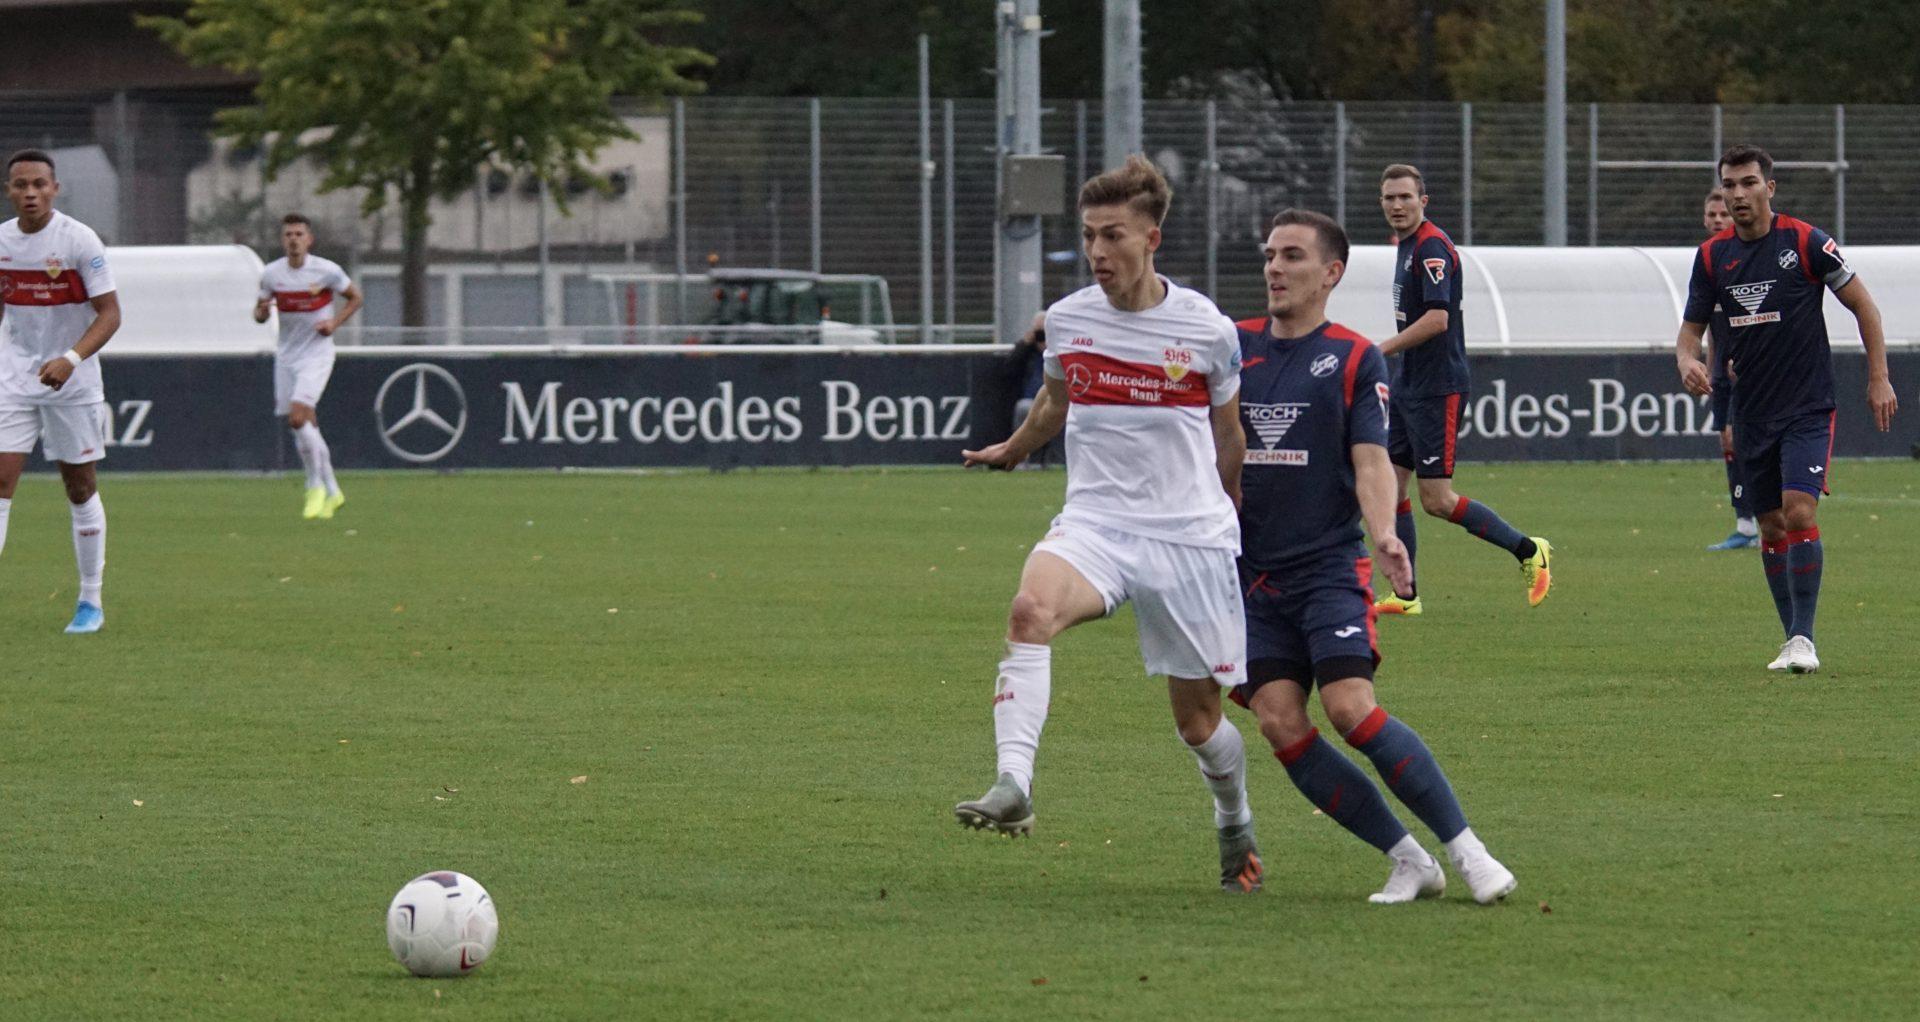 Der 1. CfR unterliegt beim VfB Stuttgart II